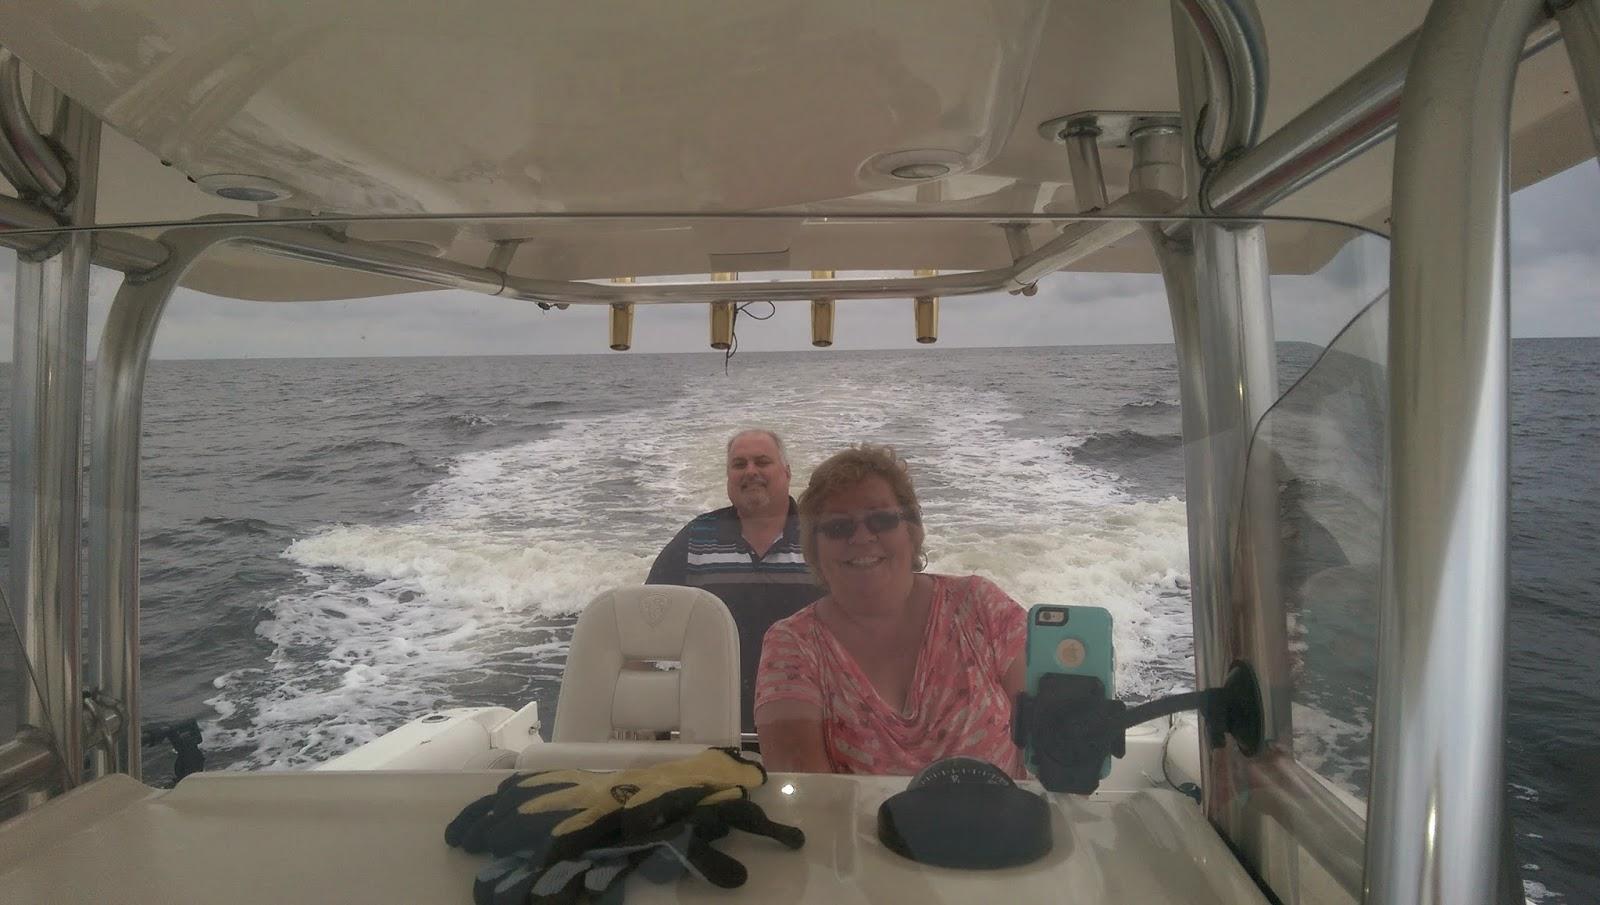 Panacea Fishing - Steve, Lorraine